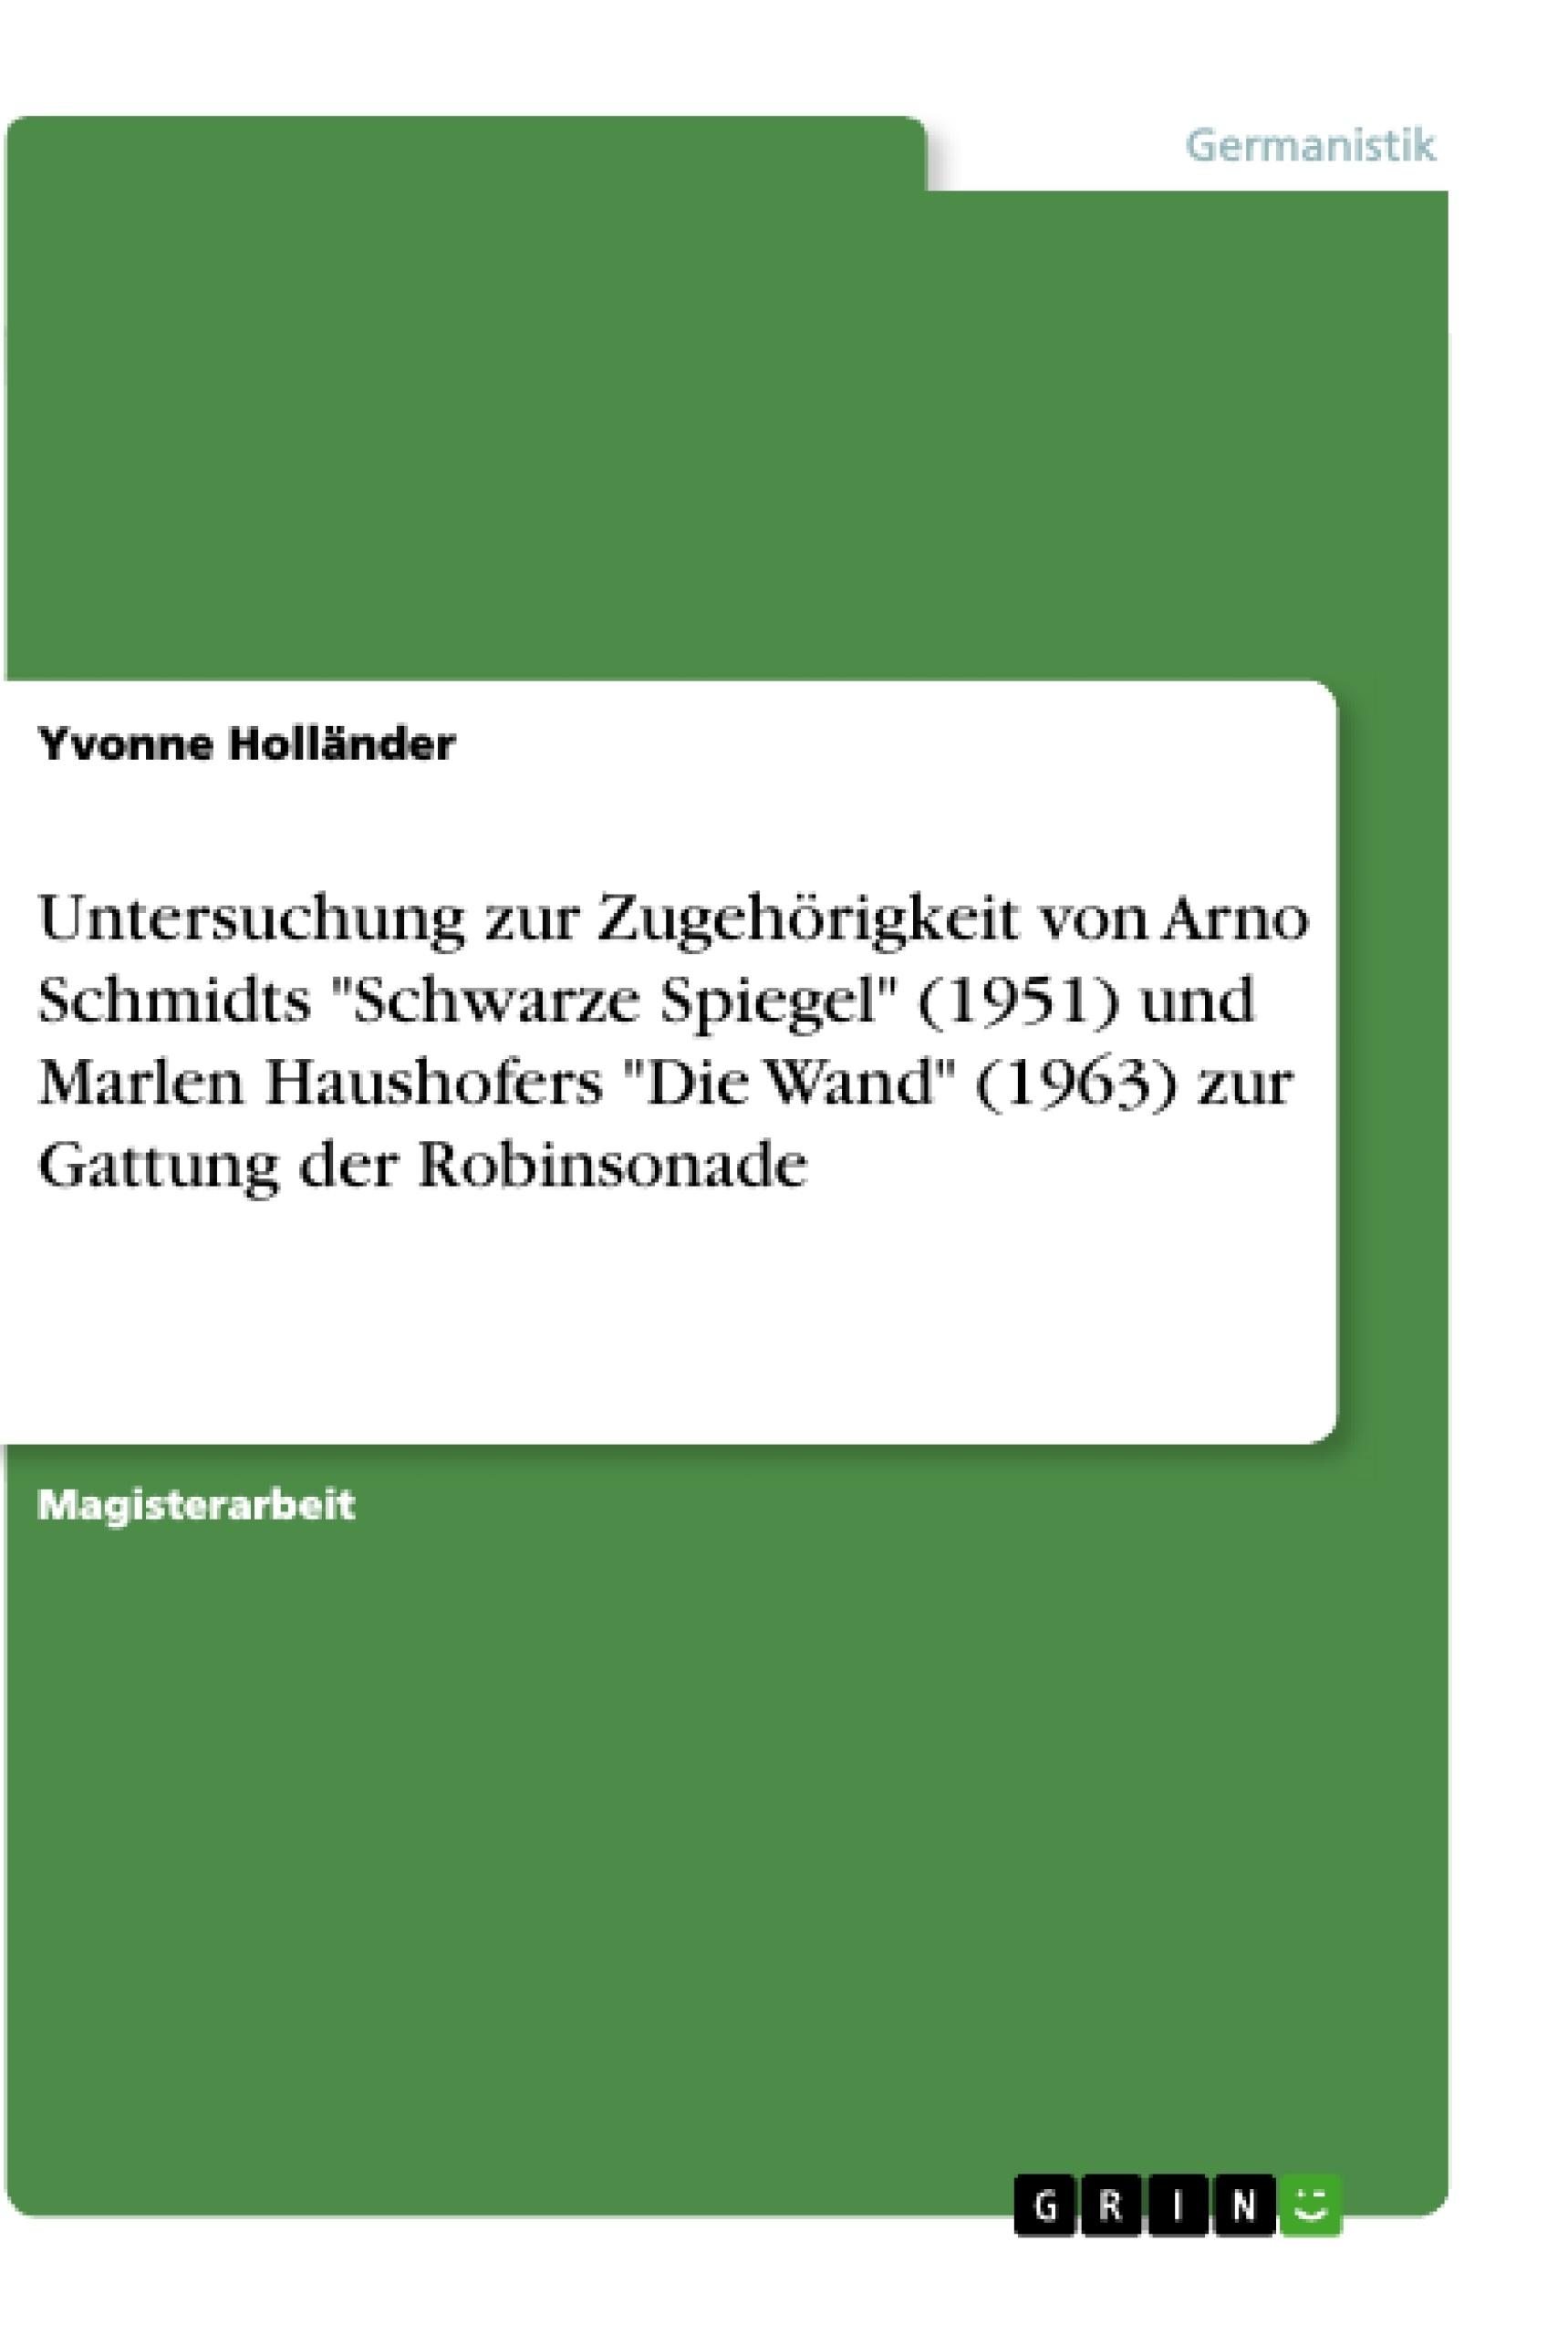 """Titel: Untersuchung zur Zugehörigkeit von Arno Schmidts """"Schwarze Spiegel"""" (1951) und Marlen Haushofers """"Die Wand"""" (1963) zur Gattung der Robinsonade"""